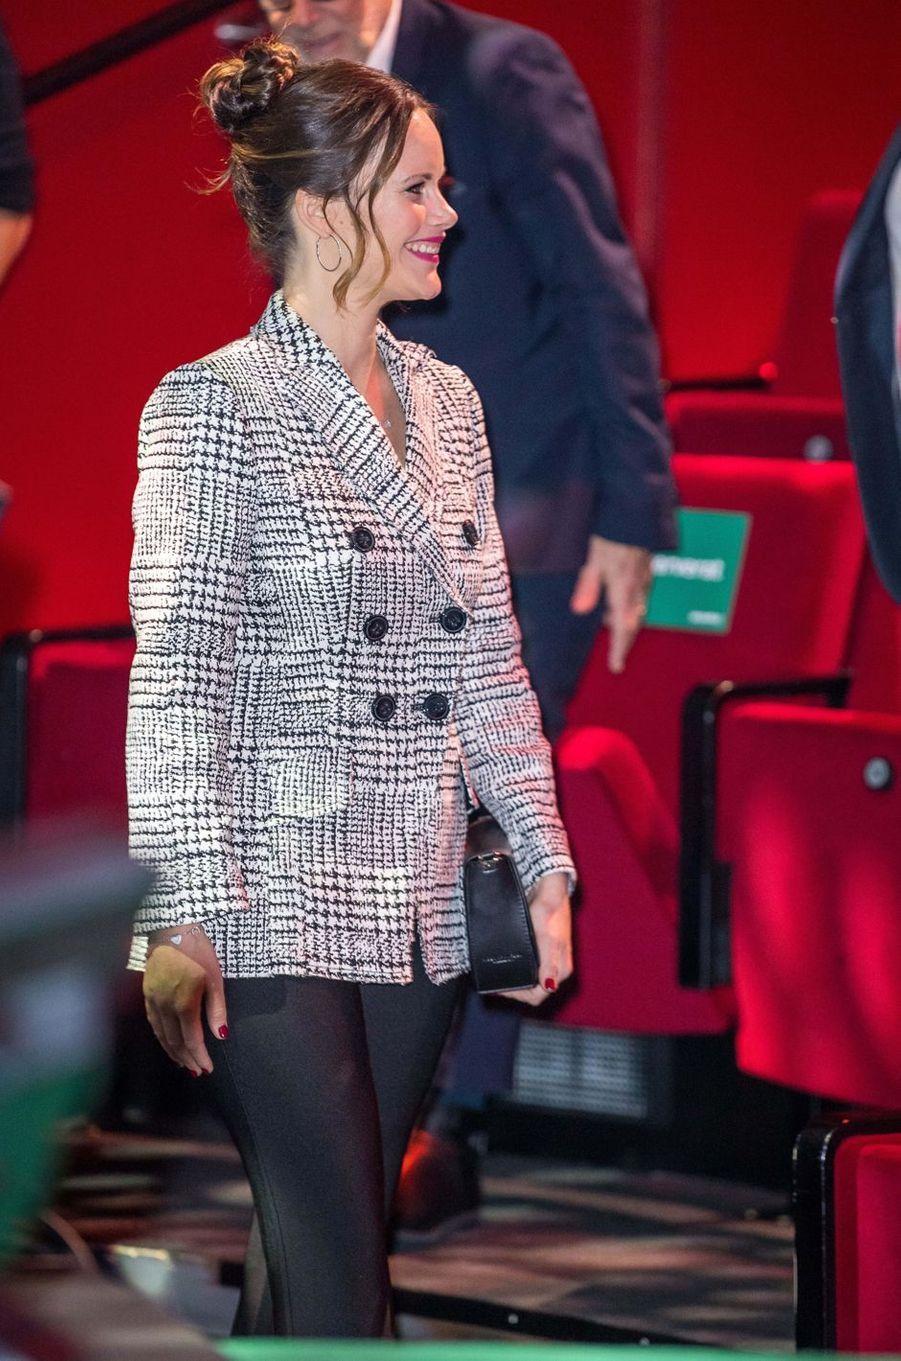 La princesse Sofia de Suède dans une veste pied-de-poule à Stockholm, le 30 novembre 2017